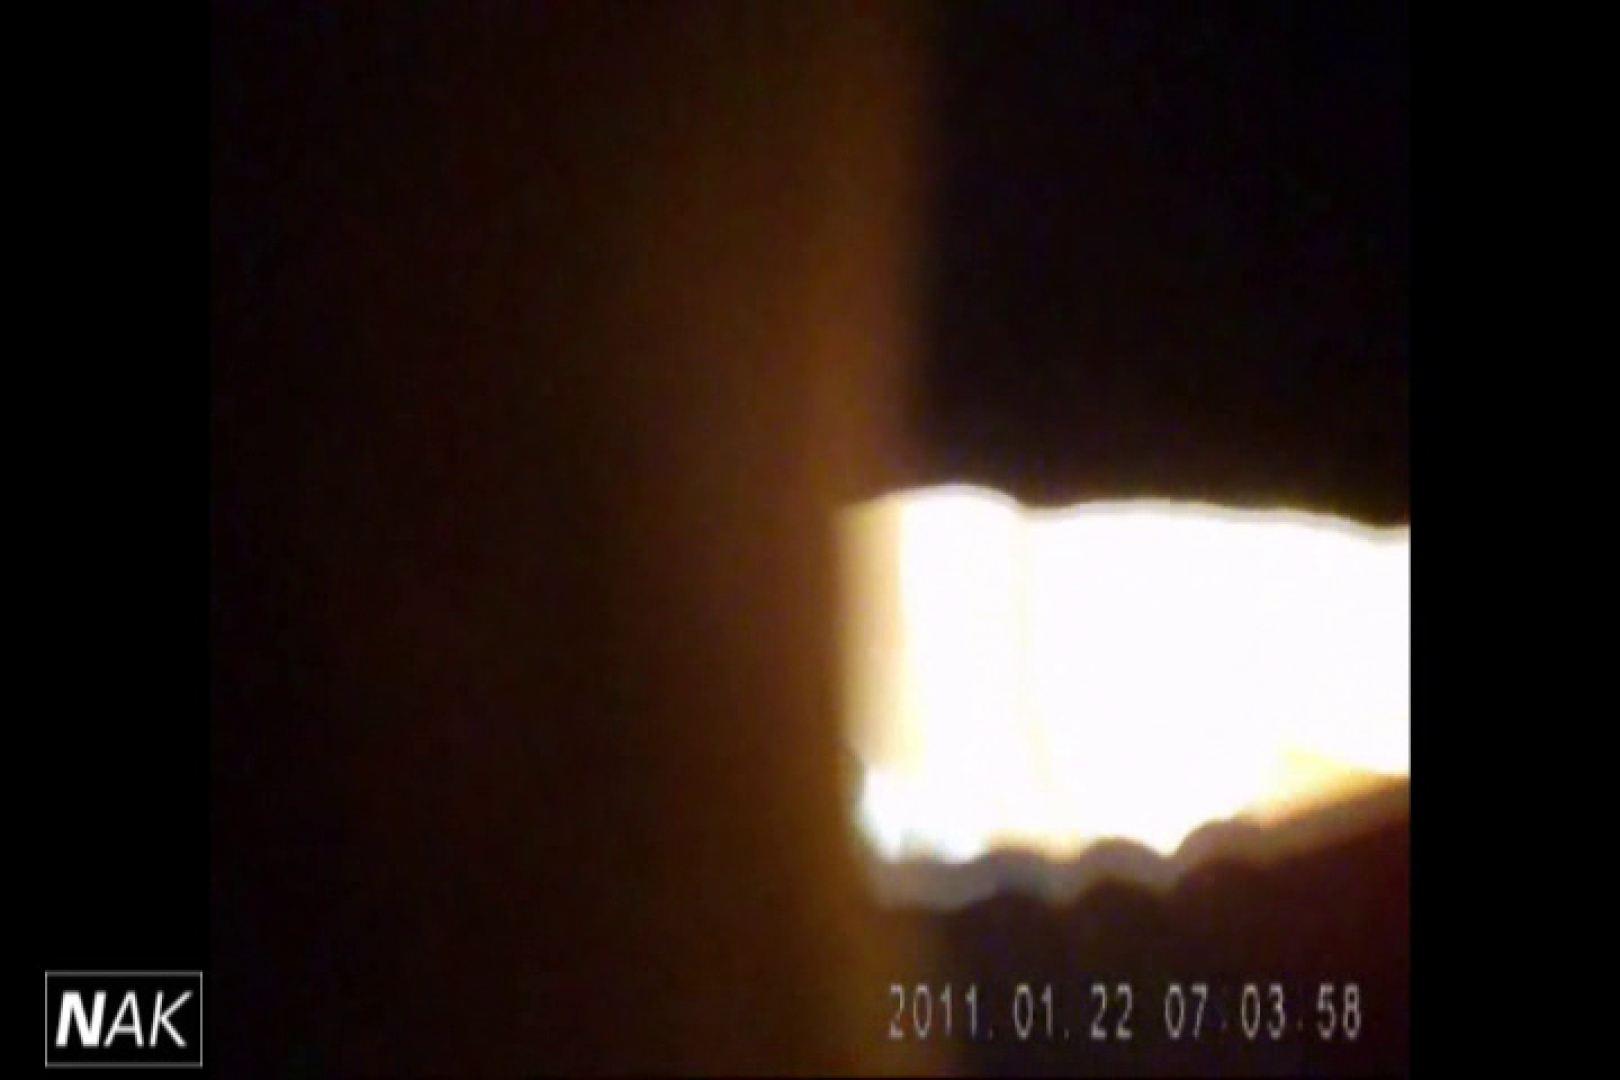 せん八さんの厠観察日記!2点監視カメラ 高画質5000K vol.10 HなOL オマンコ無修正動画無料 86pic 51